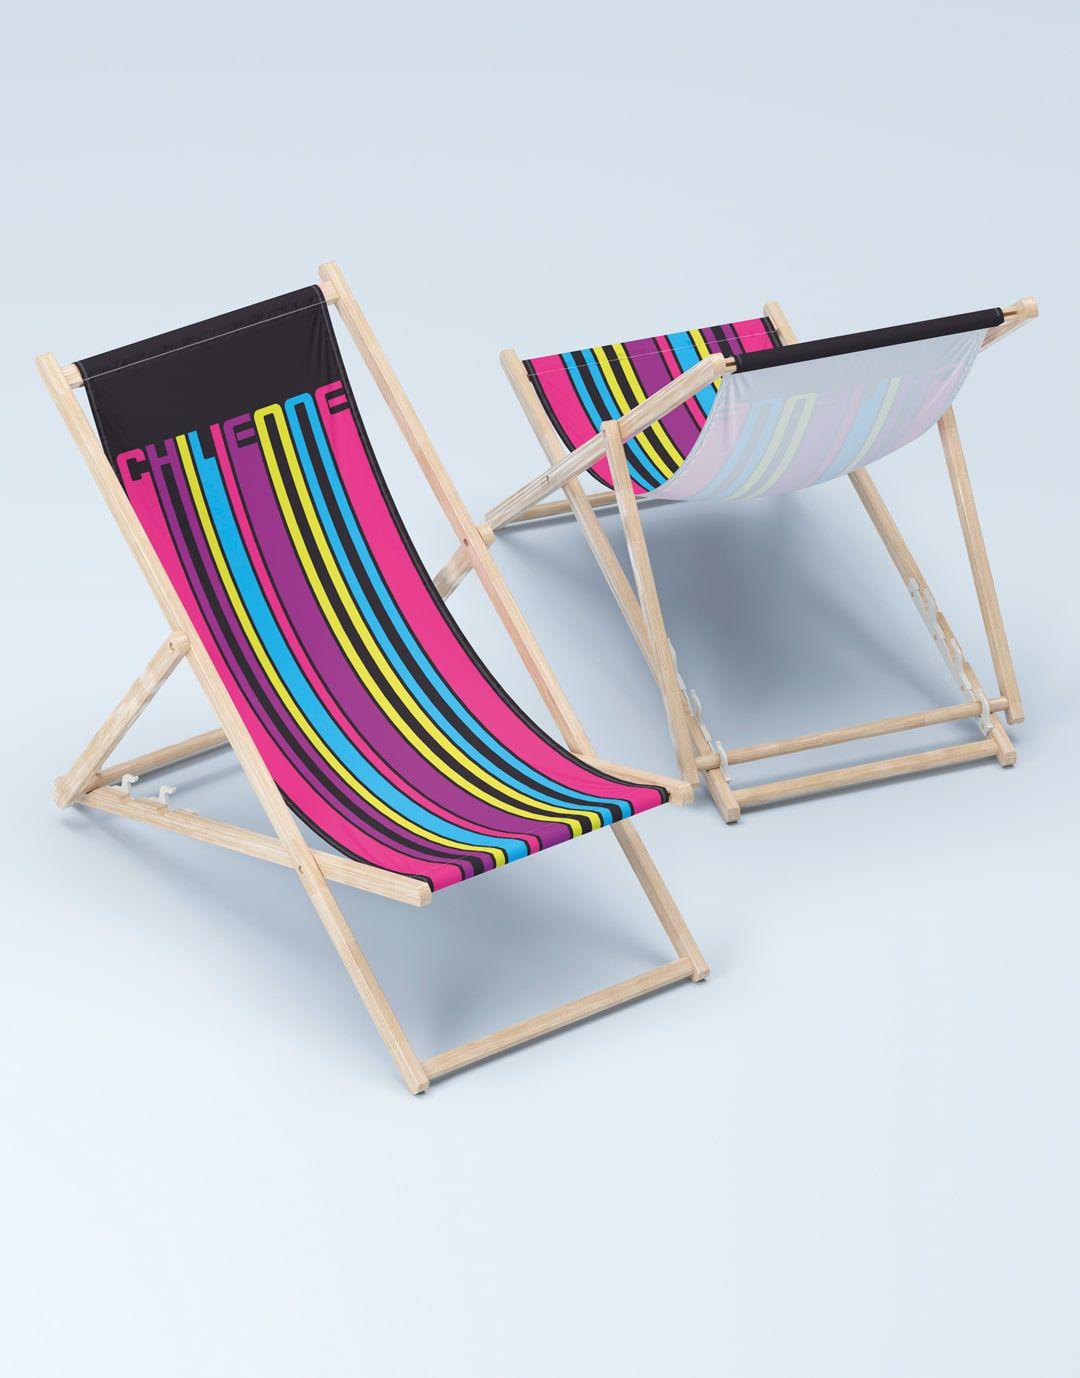 chilienne bois chaise longue en bois. Black Bedroom Furniture Sets. Home Design Ideas